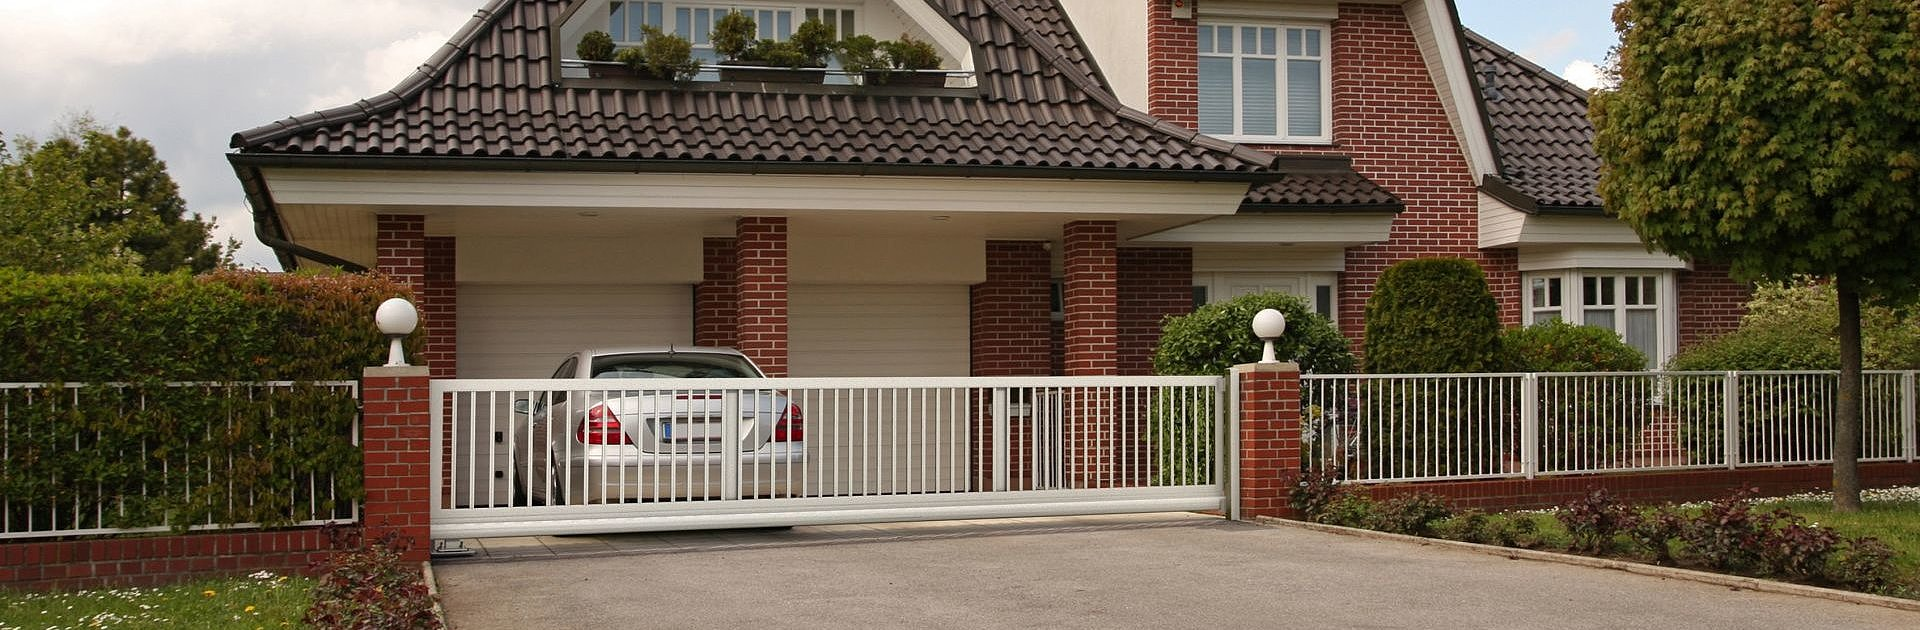 [Translate to Fransösich:] Staketenzaun aus Aluminium in weiß mit Gartentor als Umzäunung für ein Einfamilienhaus im klassischen Stil